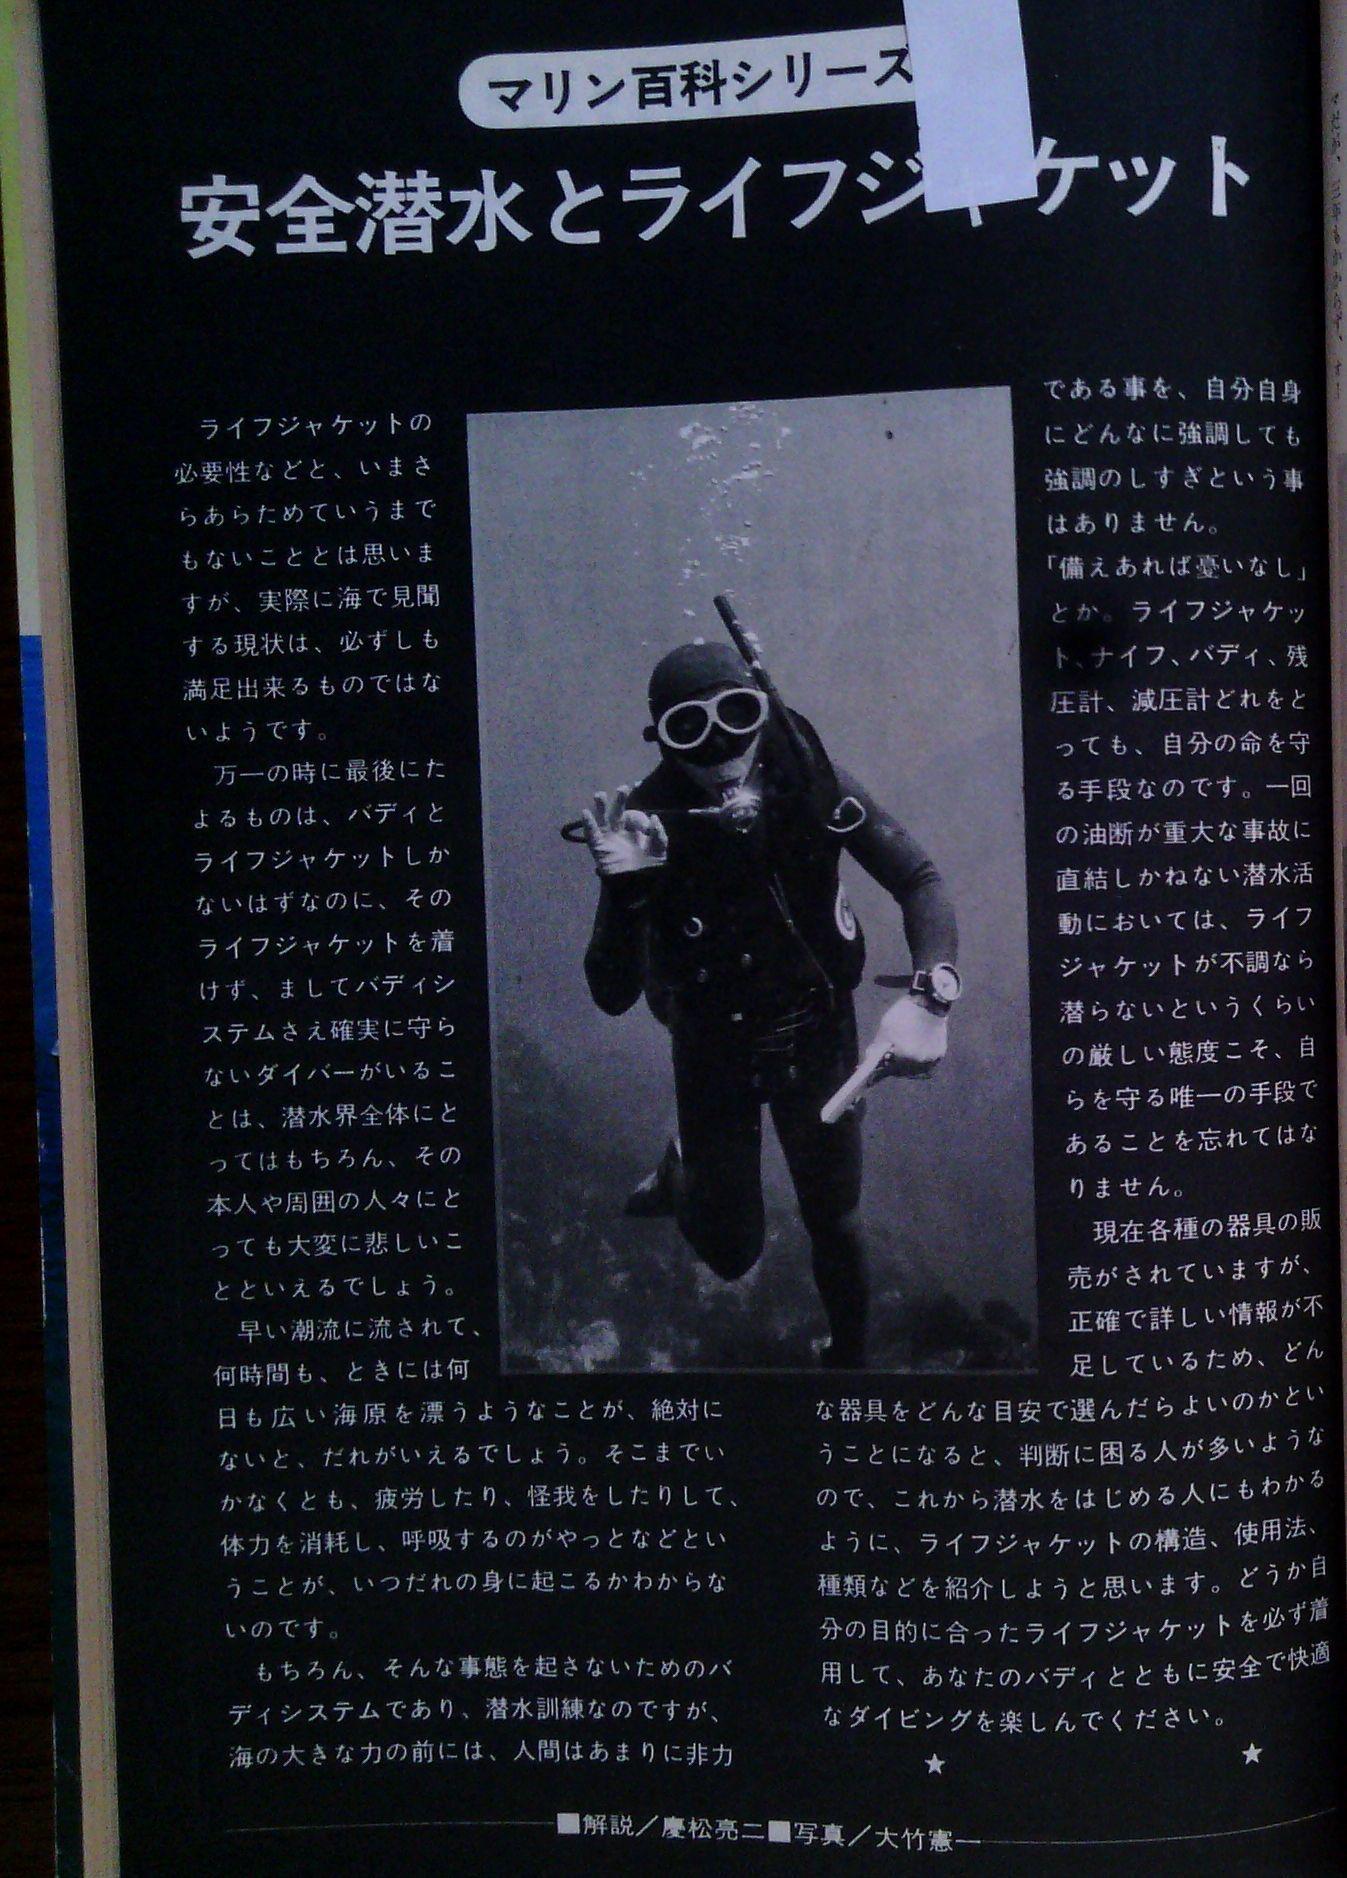 0329  ダイビングの歴史61 海の世界1973-1_b0075059_15111474.jpg